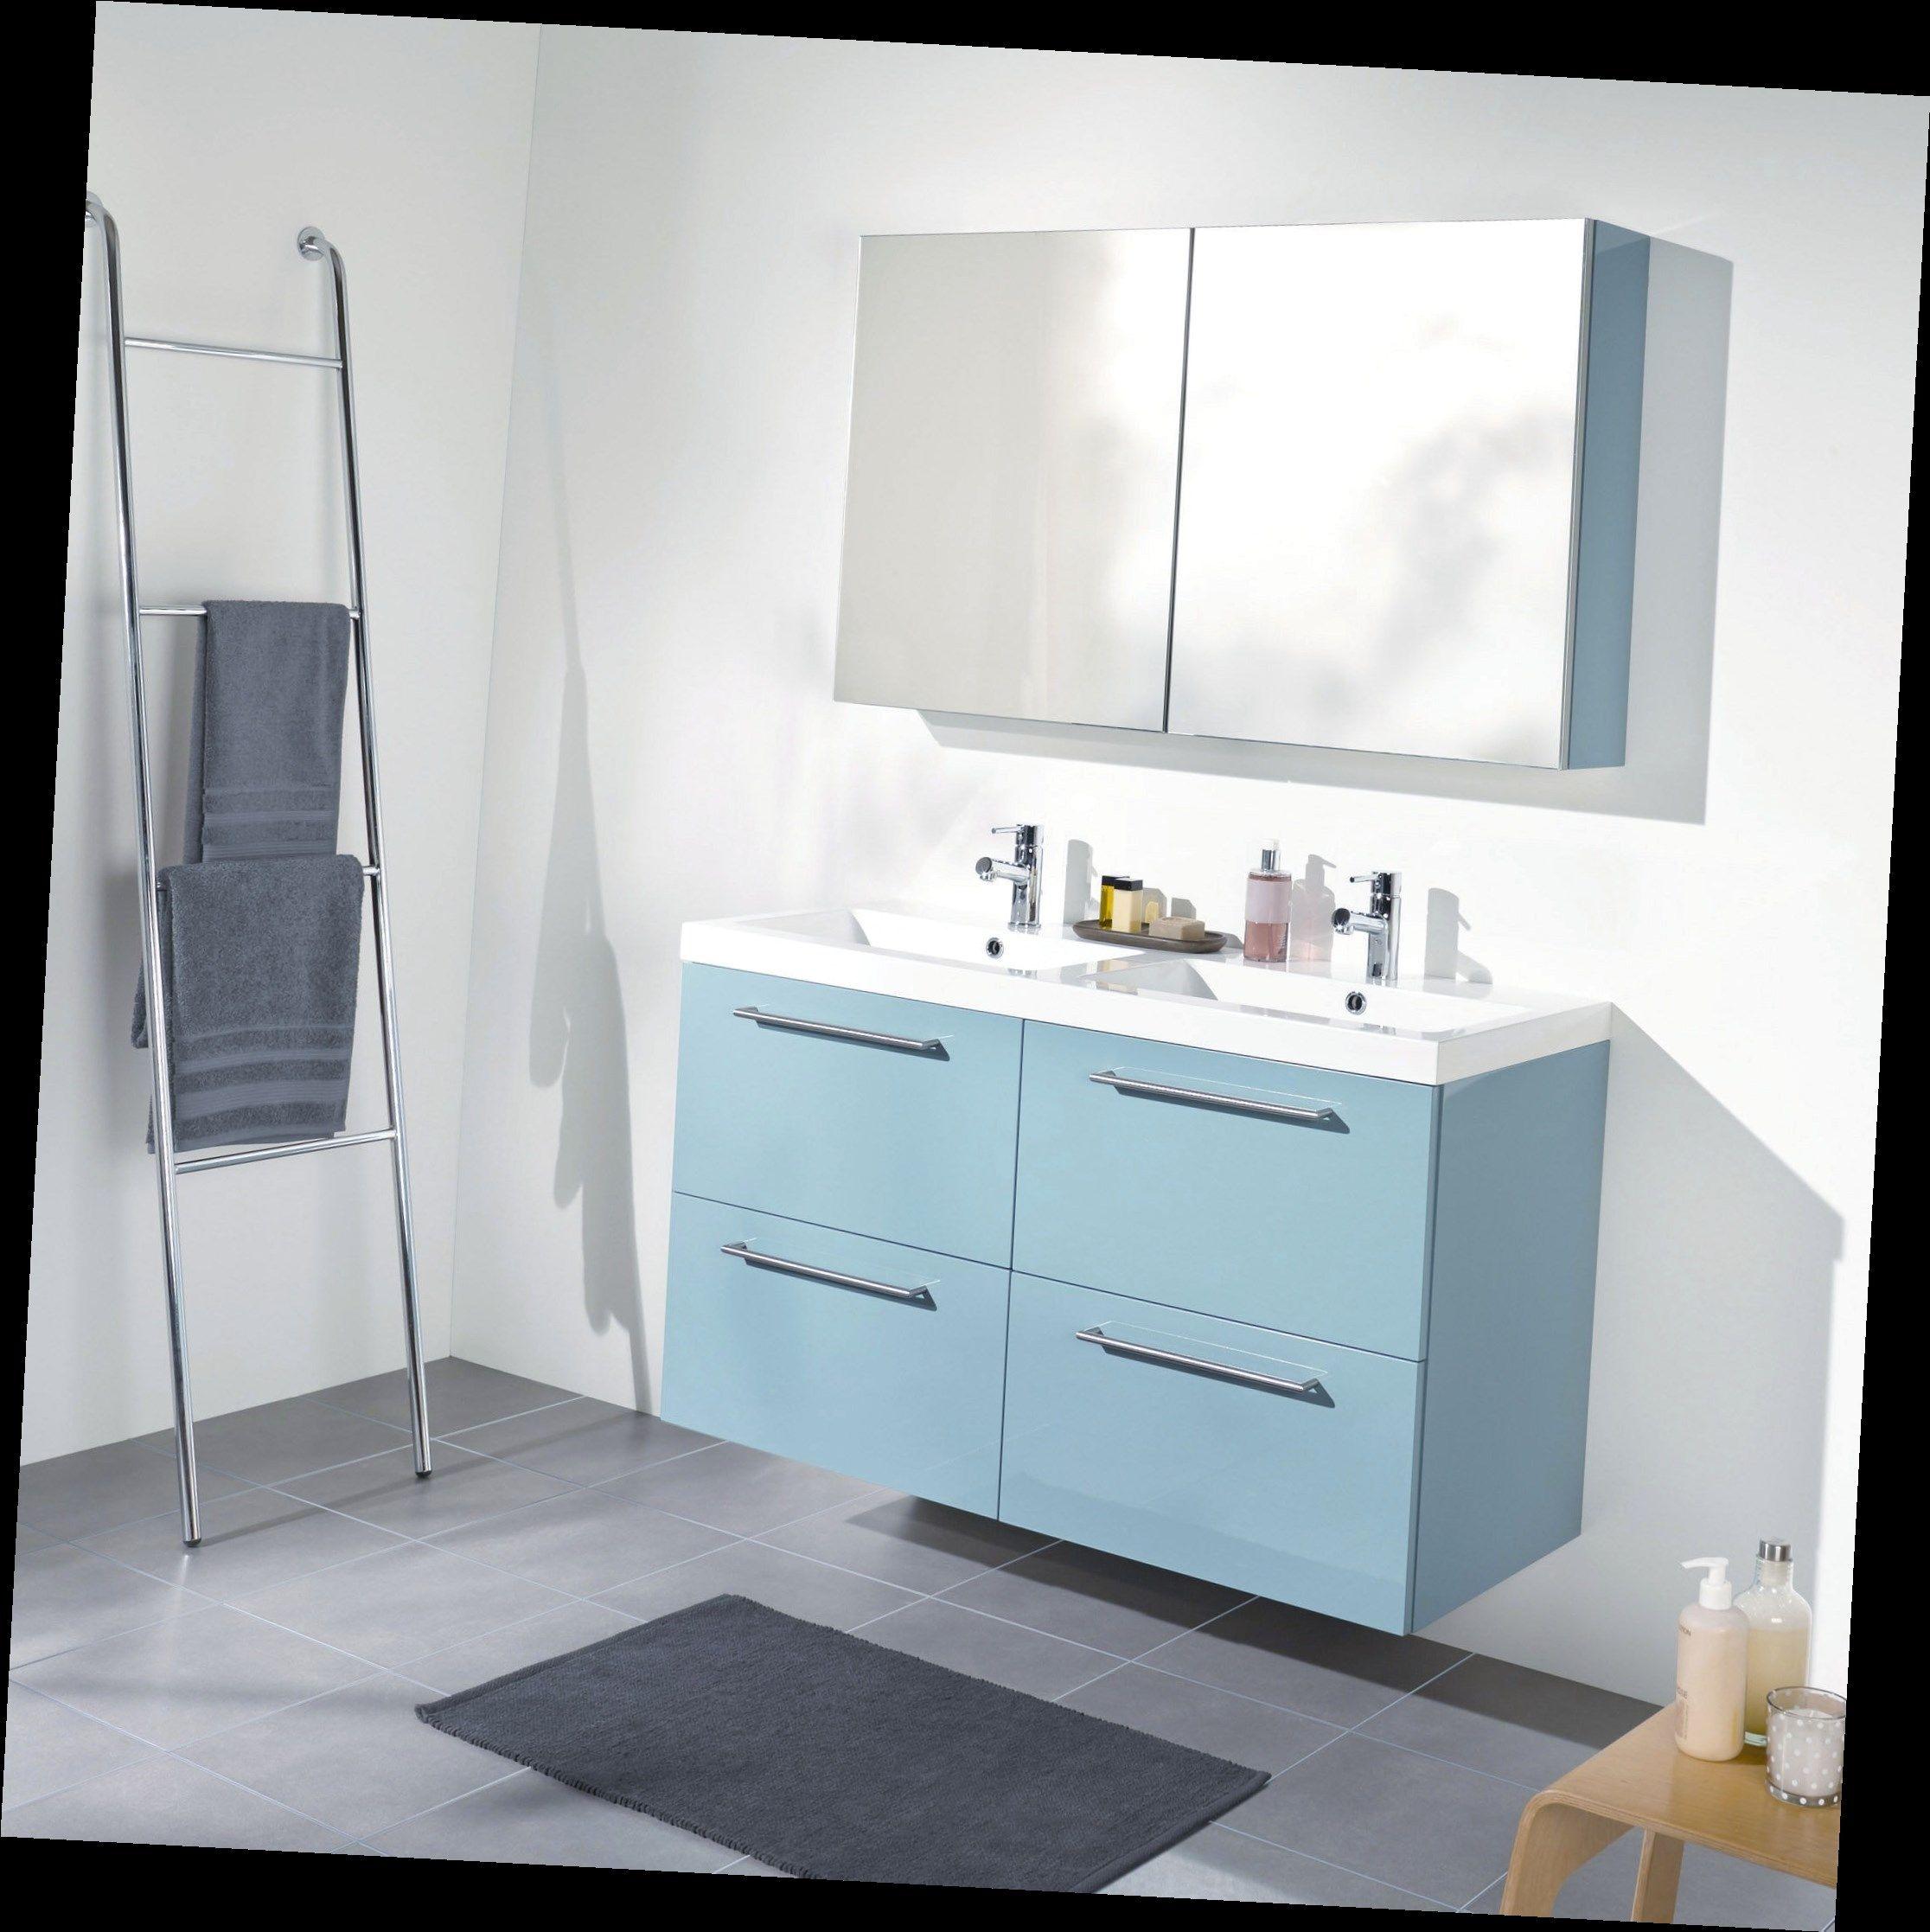 plan de travail salle de bain brico